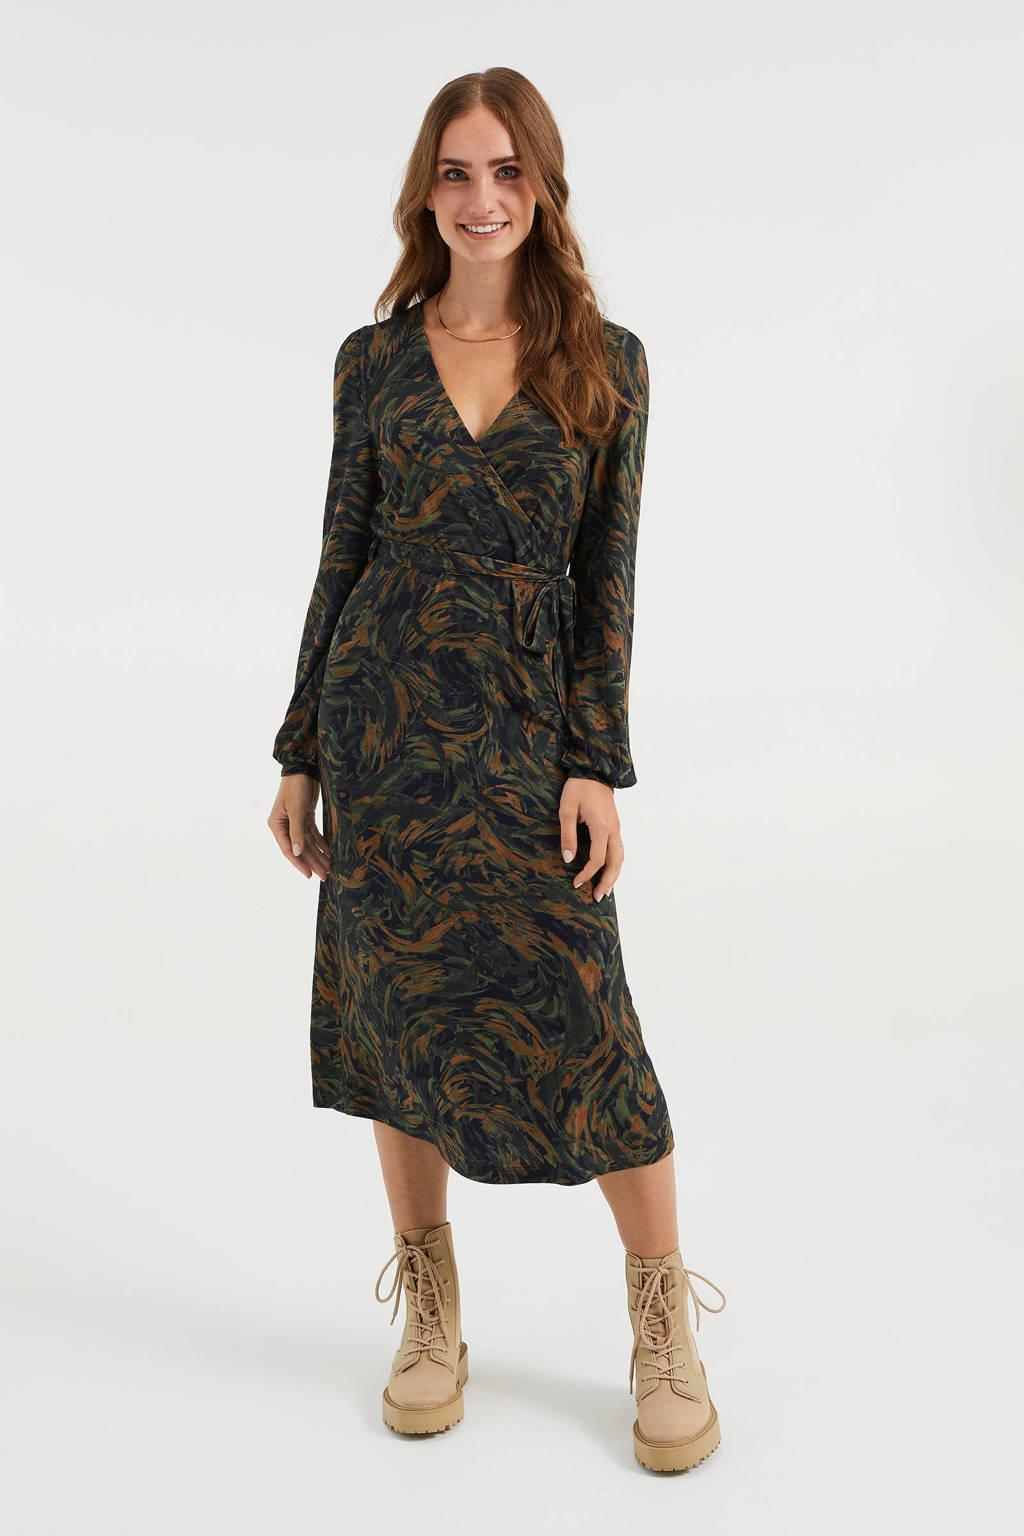 WE Fashion overslagjurk met all over print en plooien donkergroen/zwart/bruin, Donkergroen/zwart/bruin